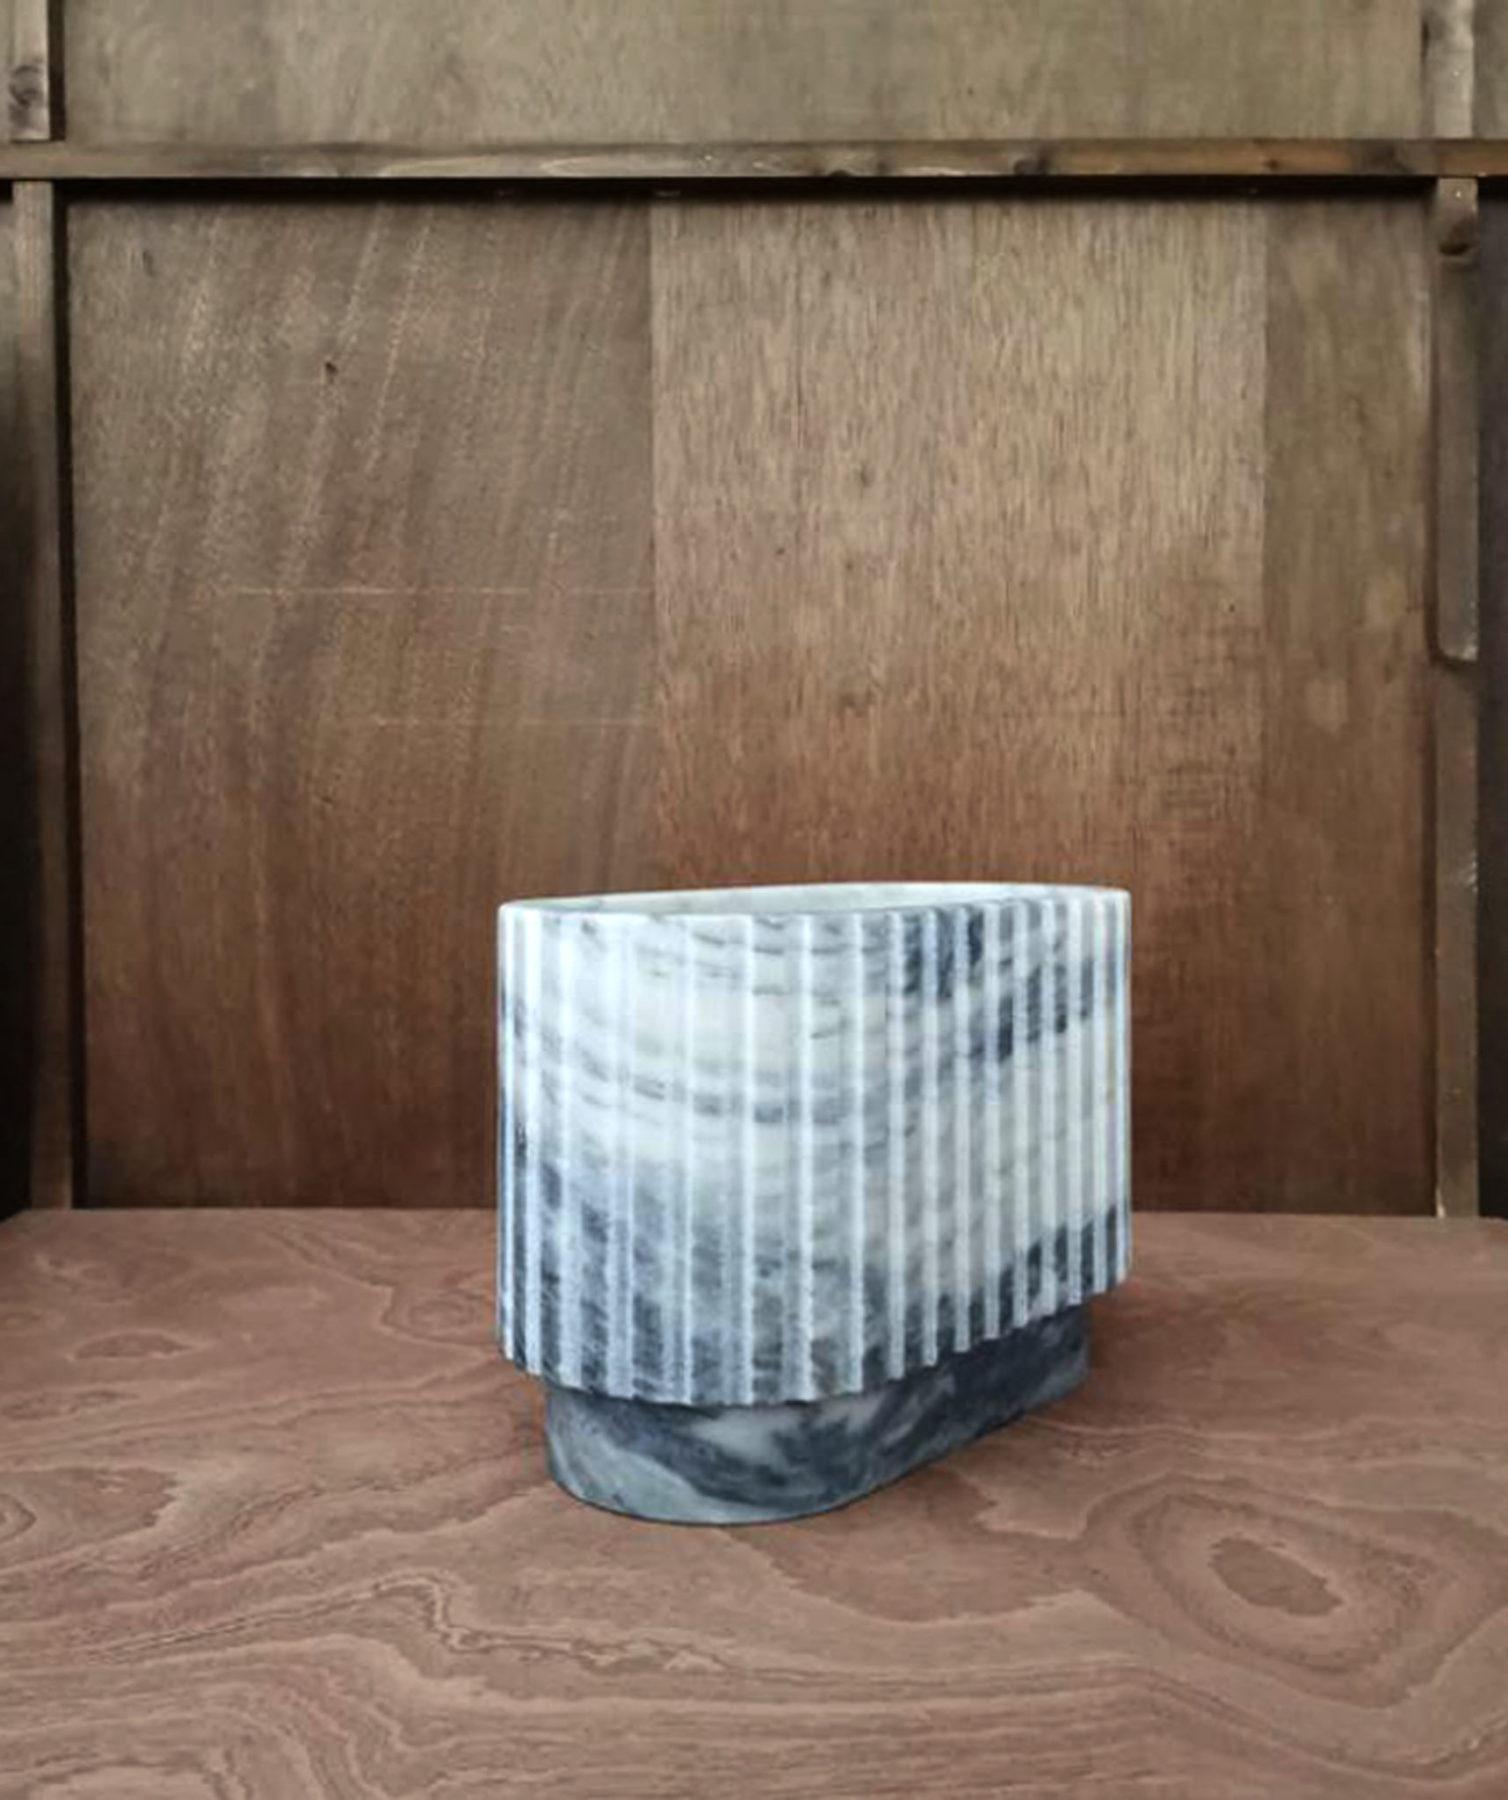 Vase, vide-poches, colonnes antiques. Design par Louis Denavaut